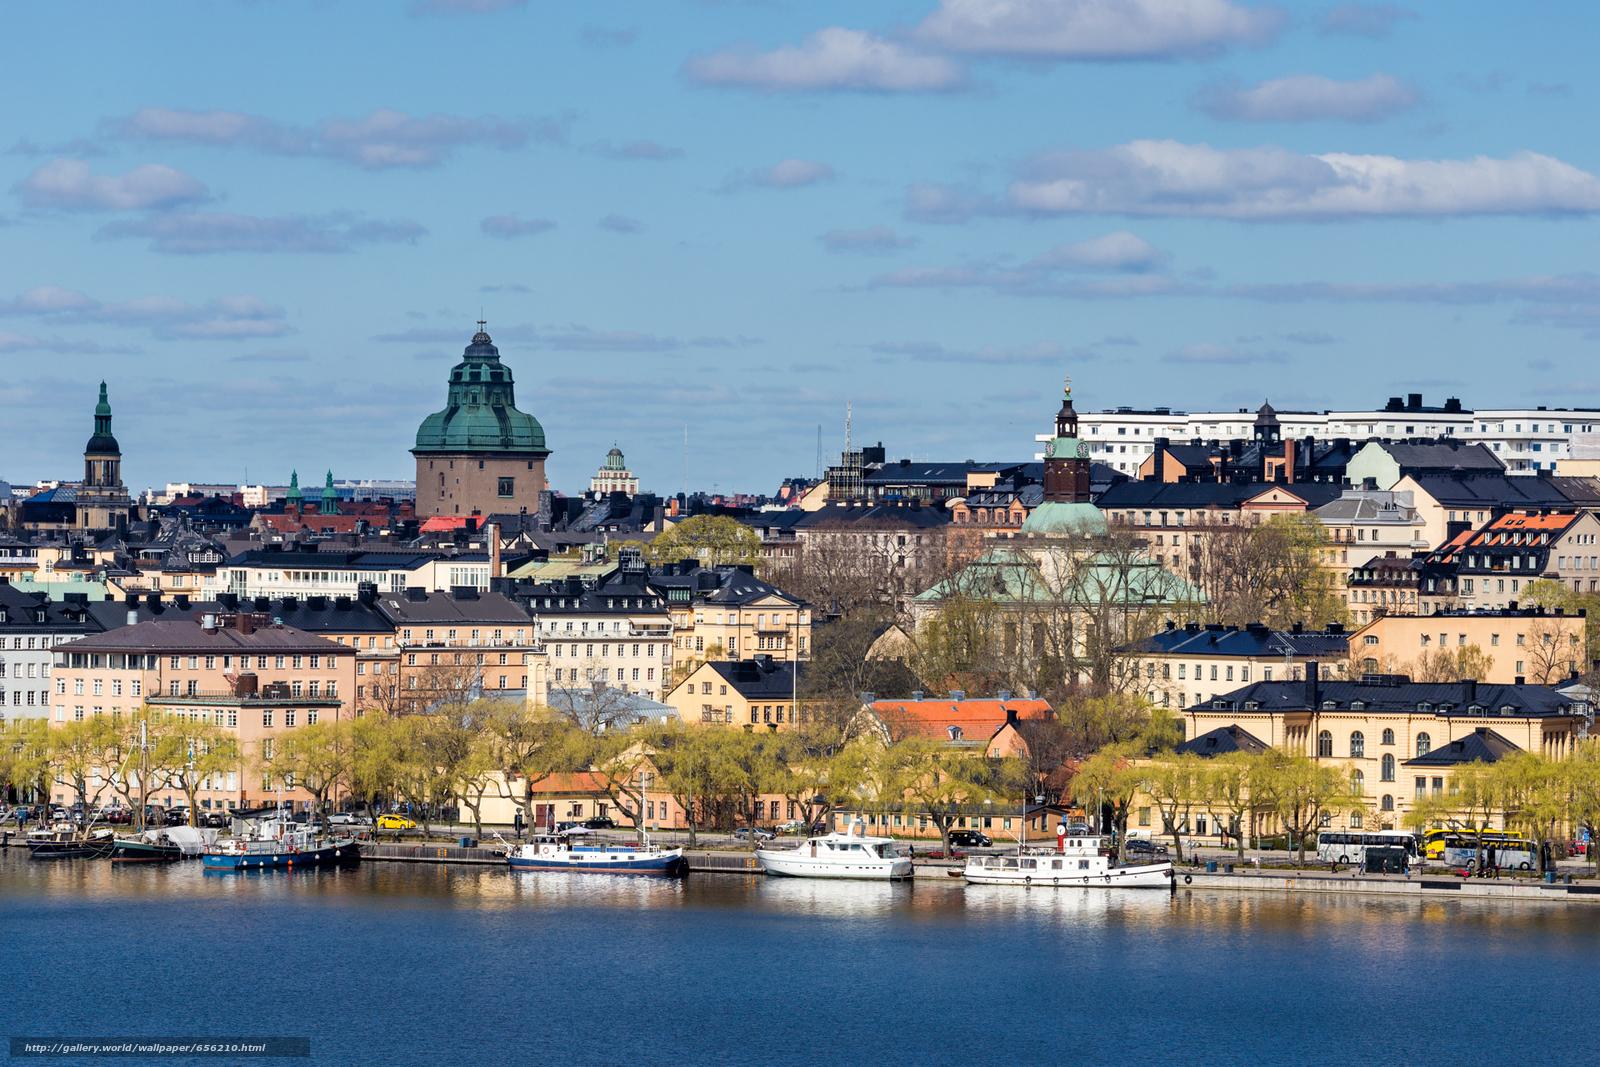 Baixar Wallpaper Estocolmo,  Suécia,  cidade Papis de parede grtis na resoluo 1920x1280 — quadro №656210